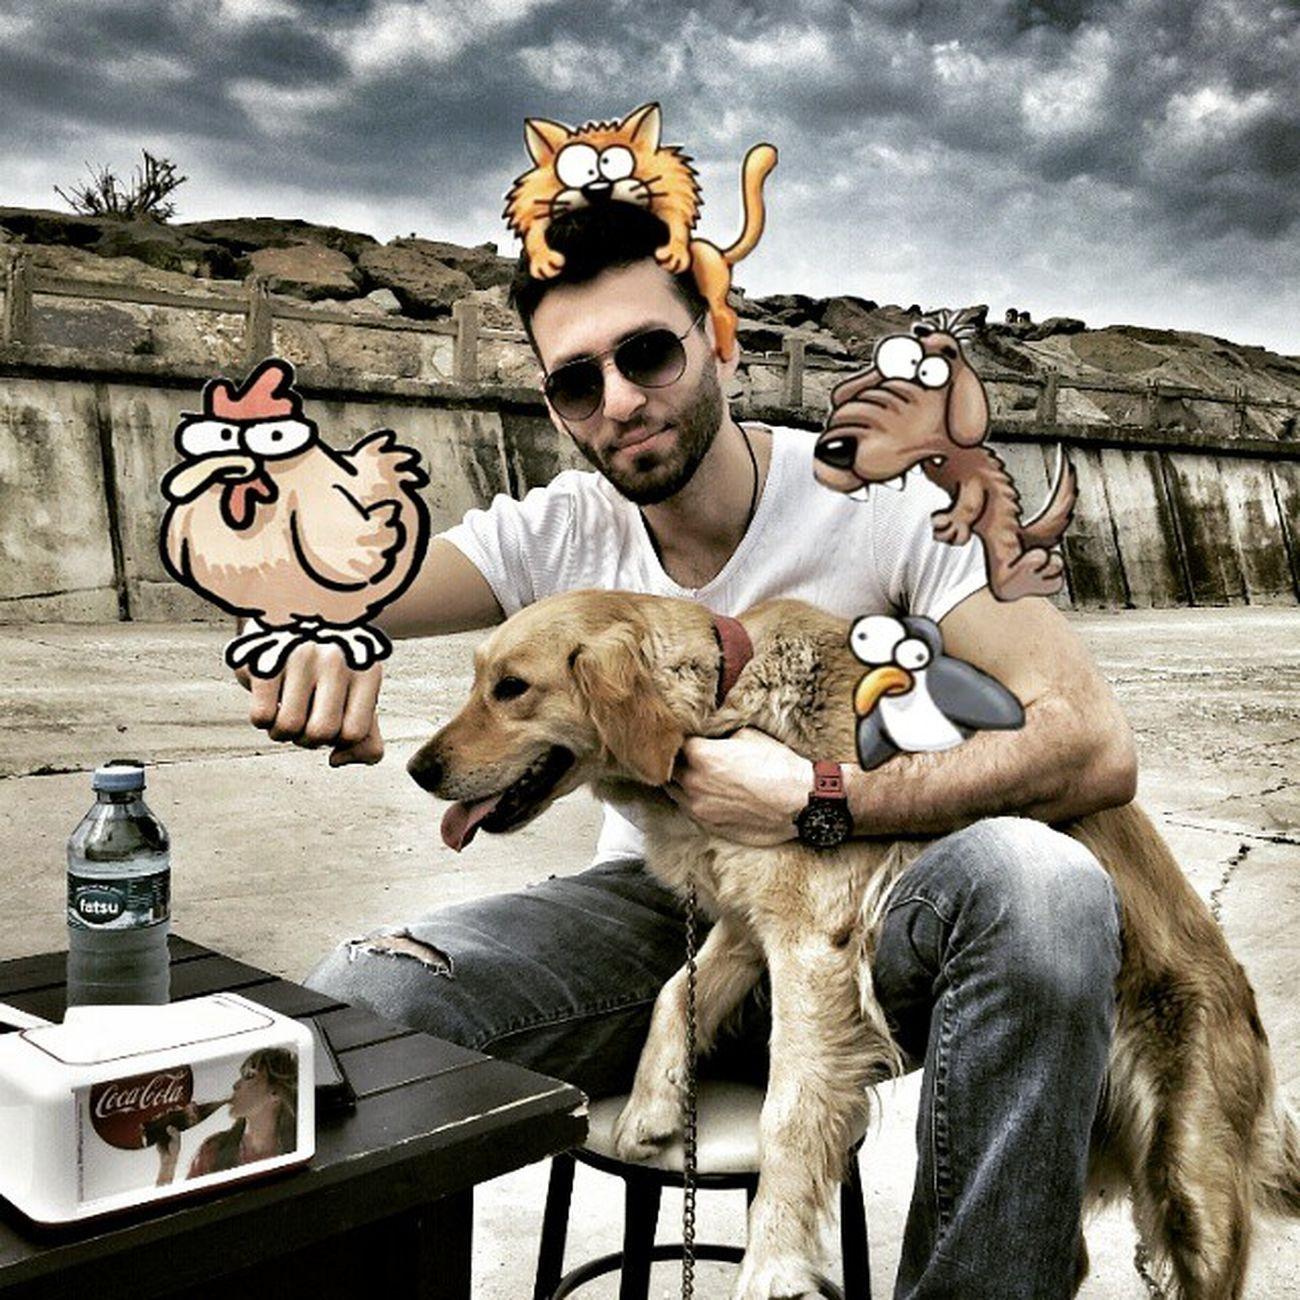 hayvan sevgisini sizden öğrenecek değiliz 😂😎🐧🐔🐕🐈 Penguen Penguendergi Erdilyasaroglu Trabzon Ganita Ktu Sahil